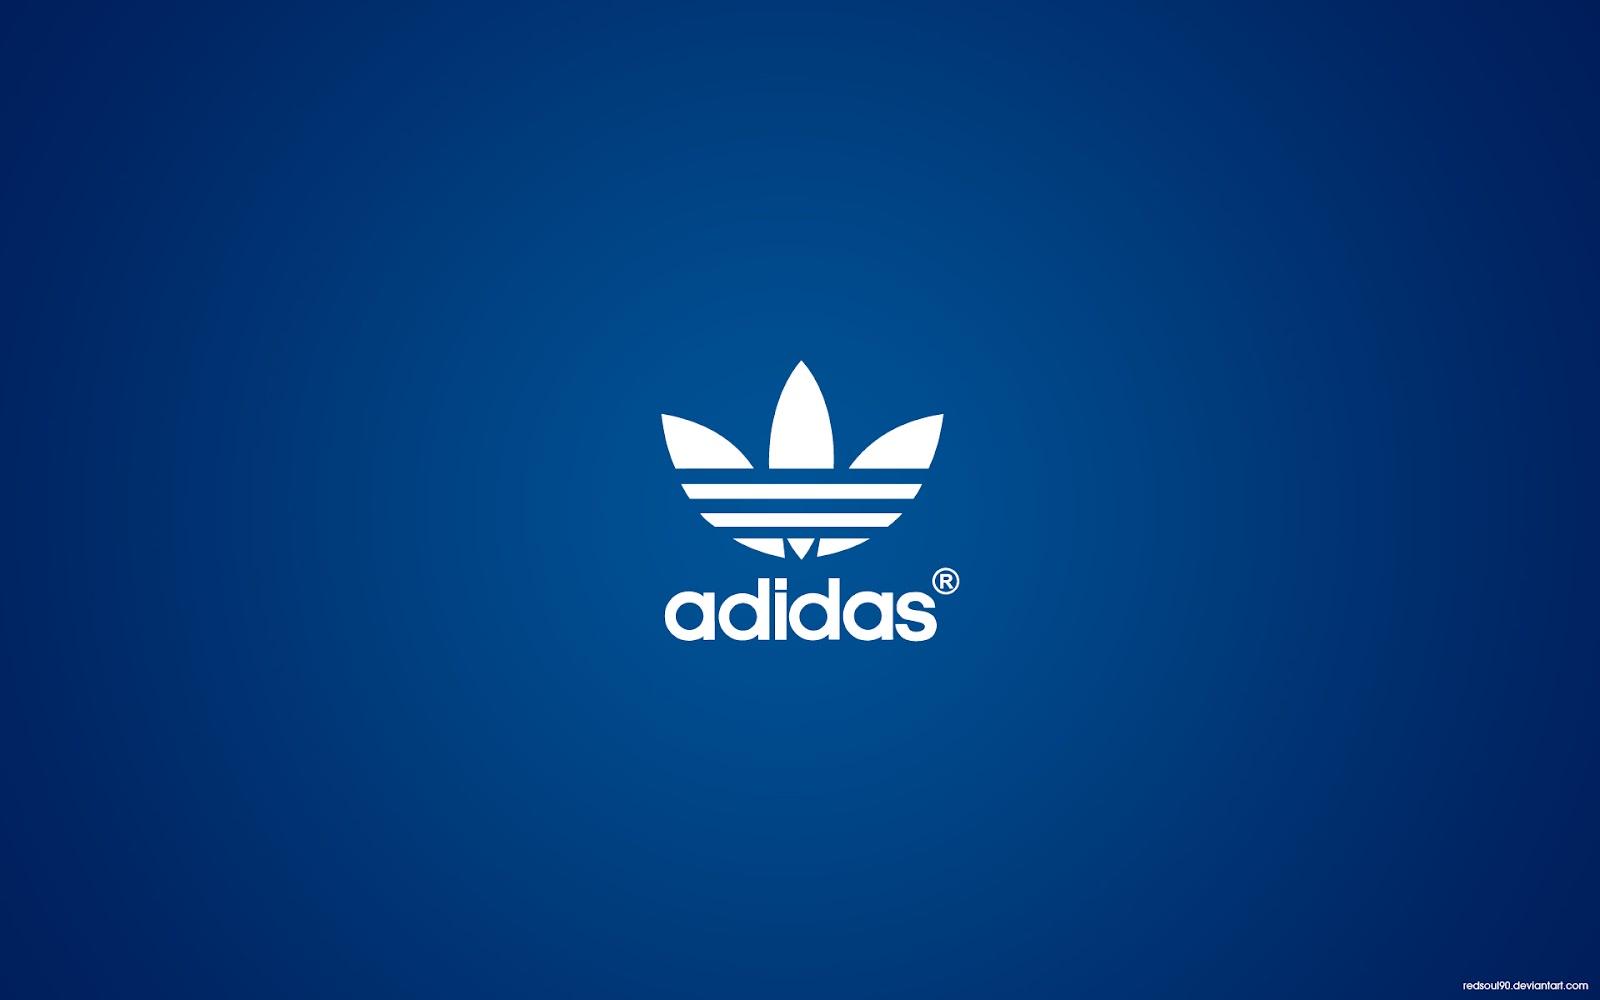 http://4.bp.blogspot.com/-jjBJF2kRFfY/UDnE3wP807I/AAAAAAAACVg/xA4Tt0cL23o/s1600/Wallpaper-Logo+-+%E1%BA%A2nh+%C4%90%E1%BA%B9p+Vi%E1%BB%87t+(9).jpg